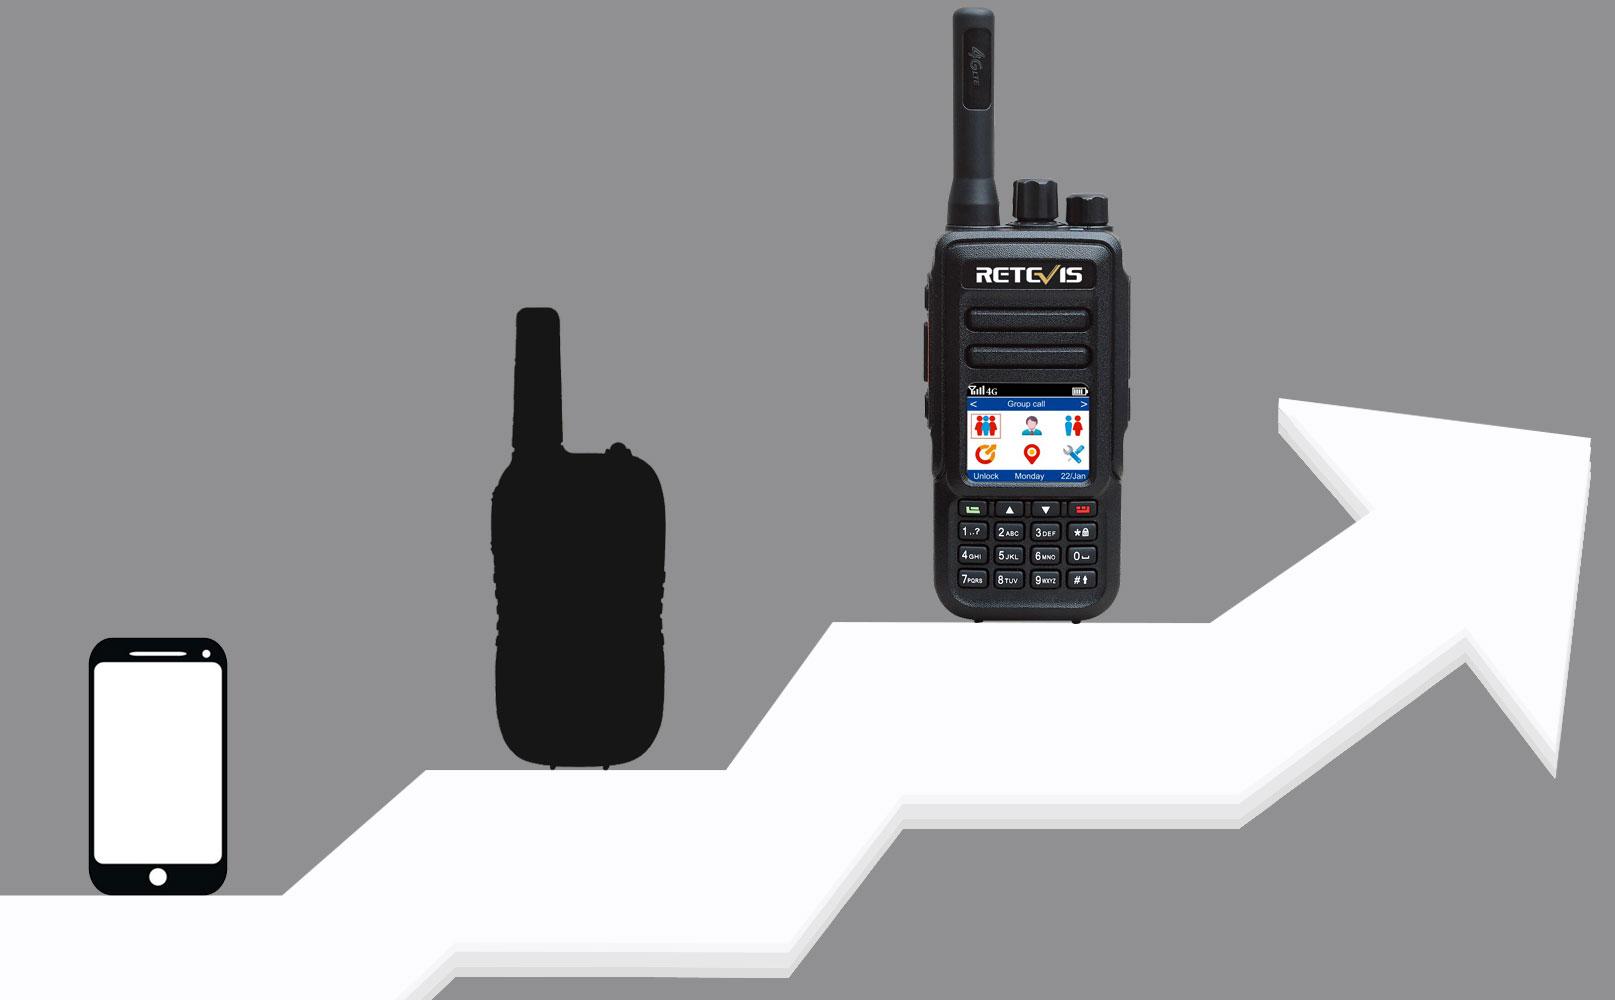 RETEVIS RT51 PoC Handset Radio